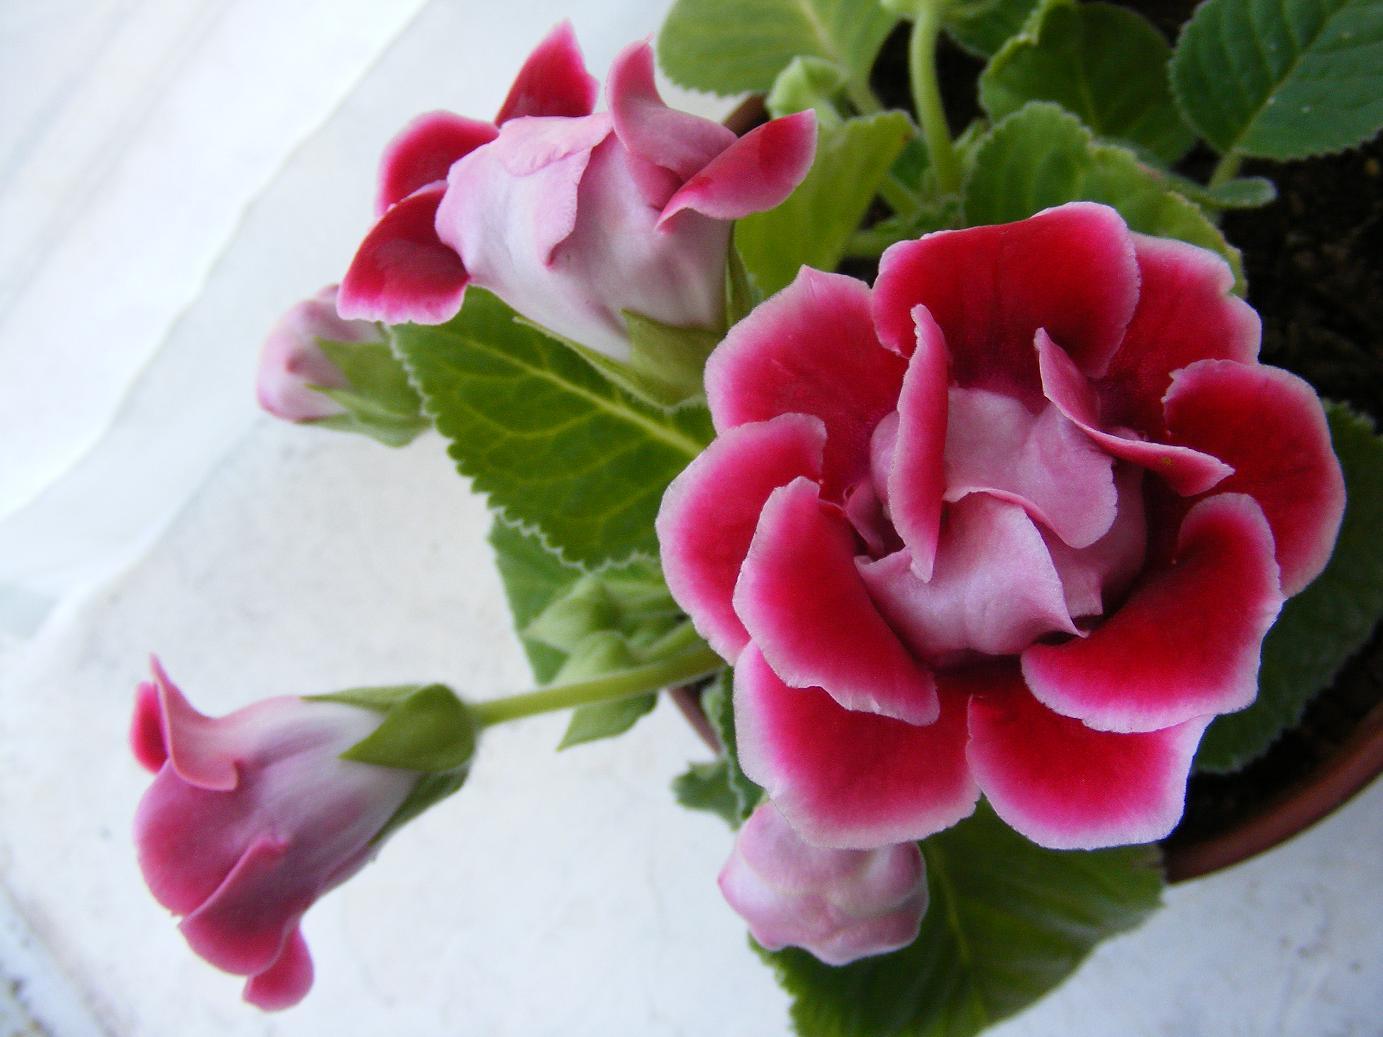 ... FOTO (Hojas moradas, flores rosas y muy frágil) - Foro de InfoJardín